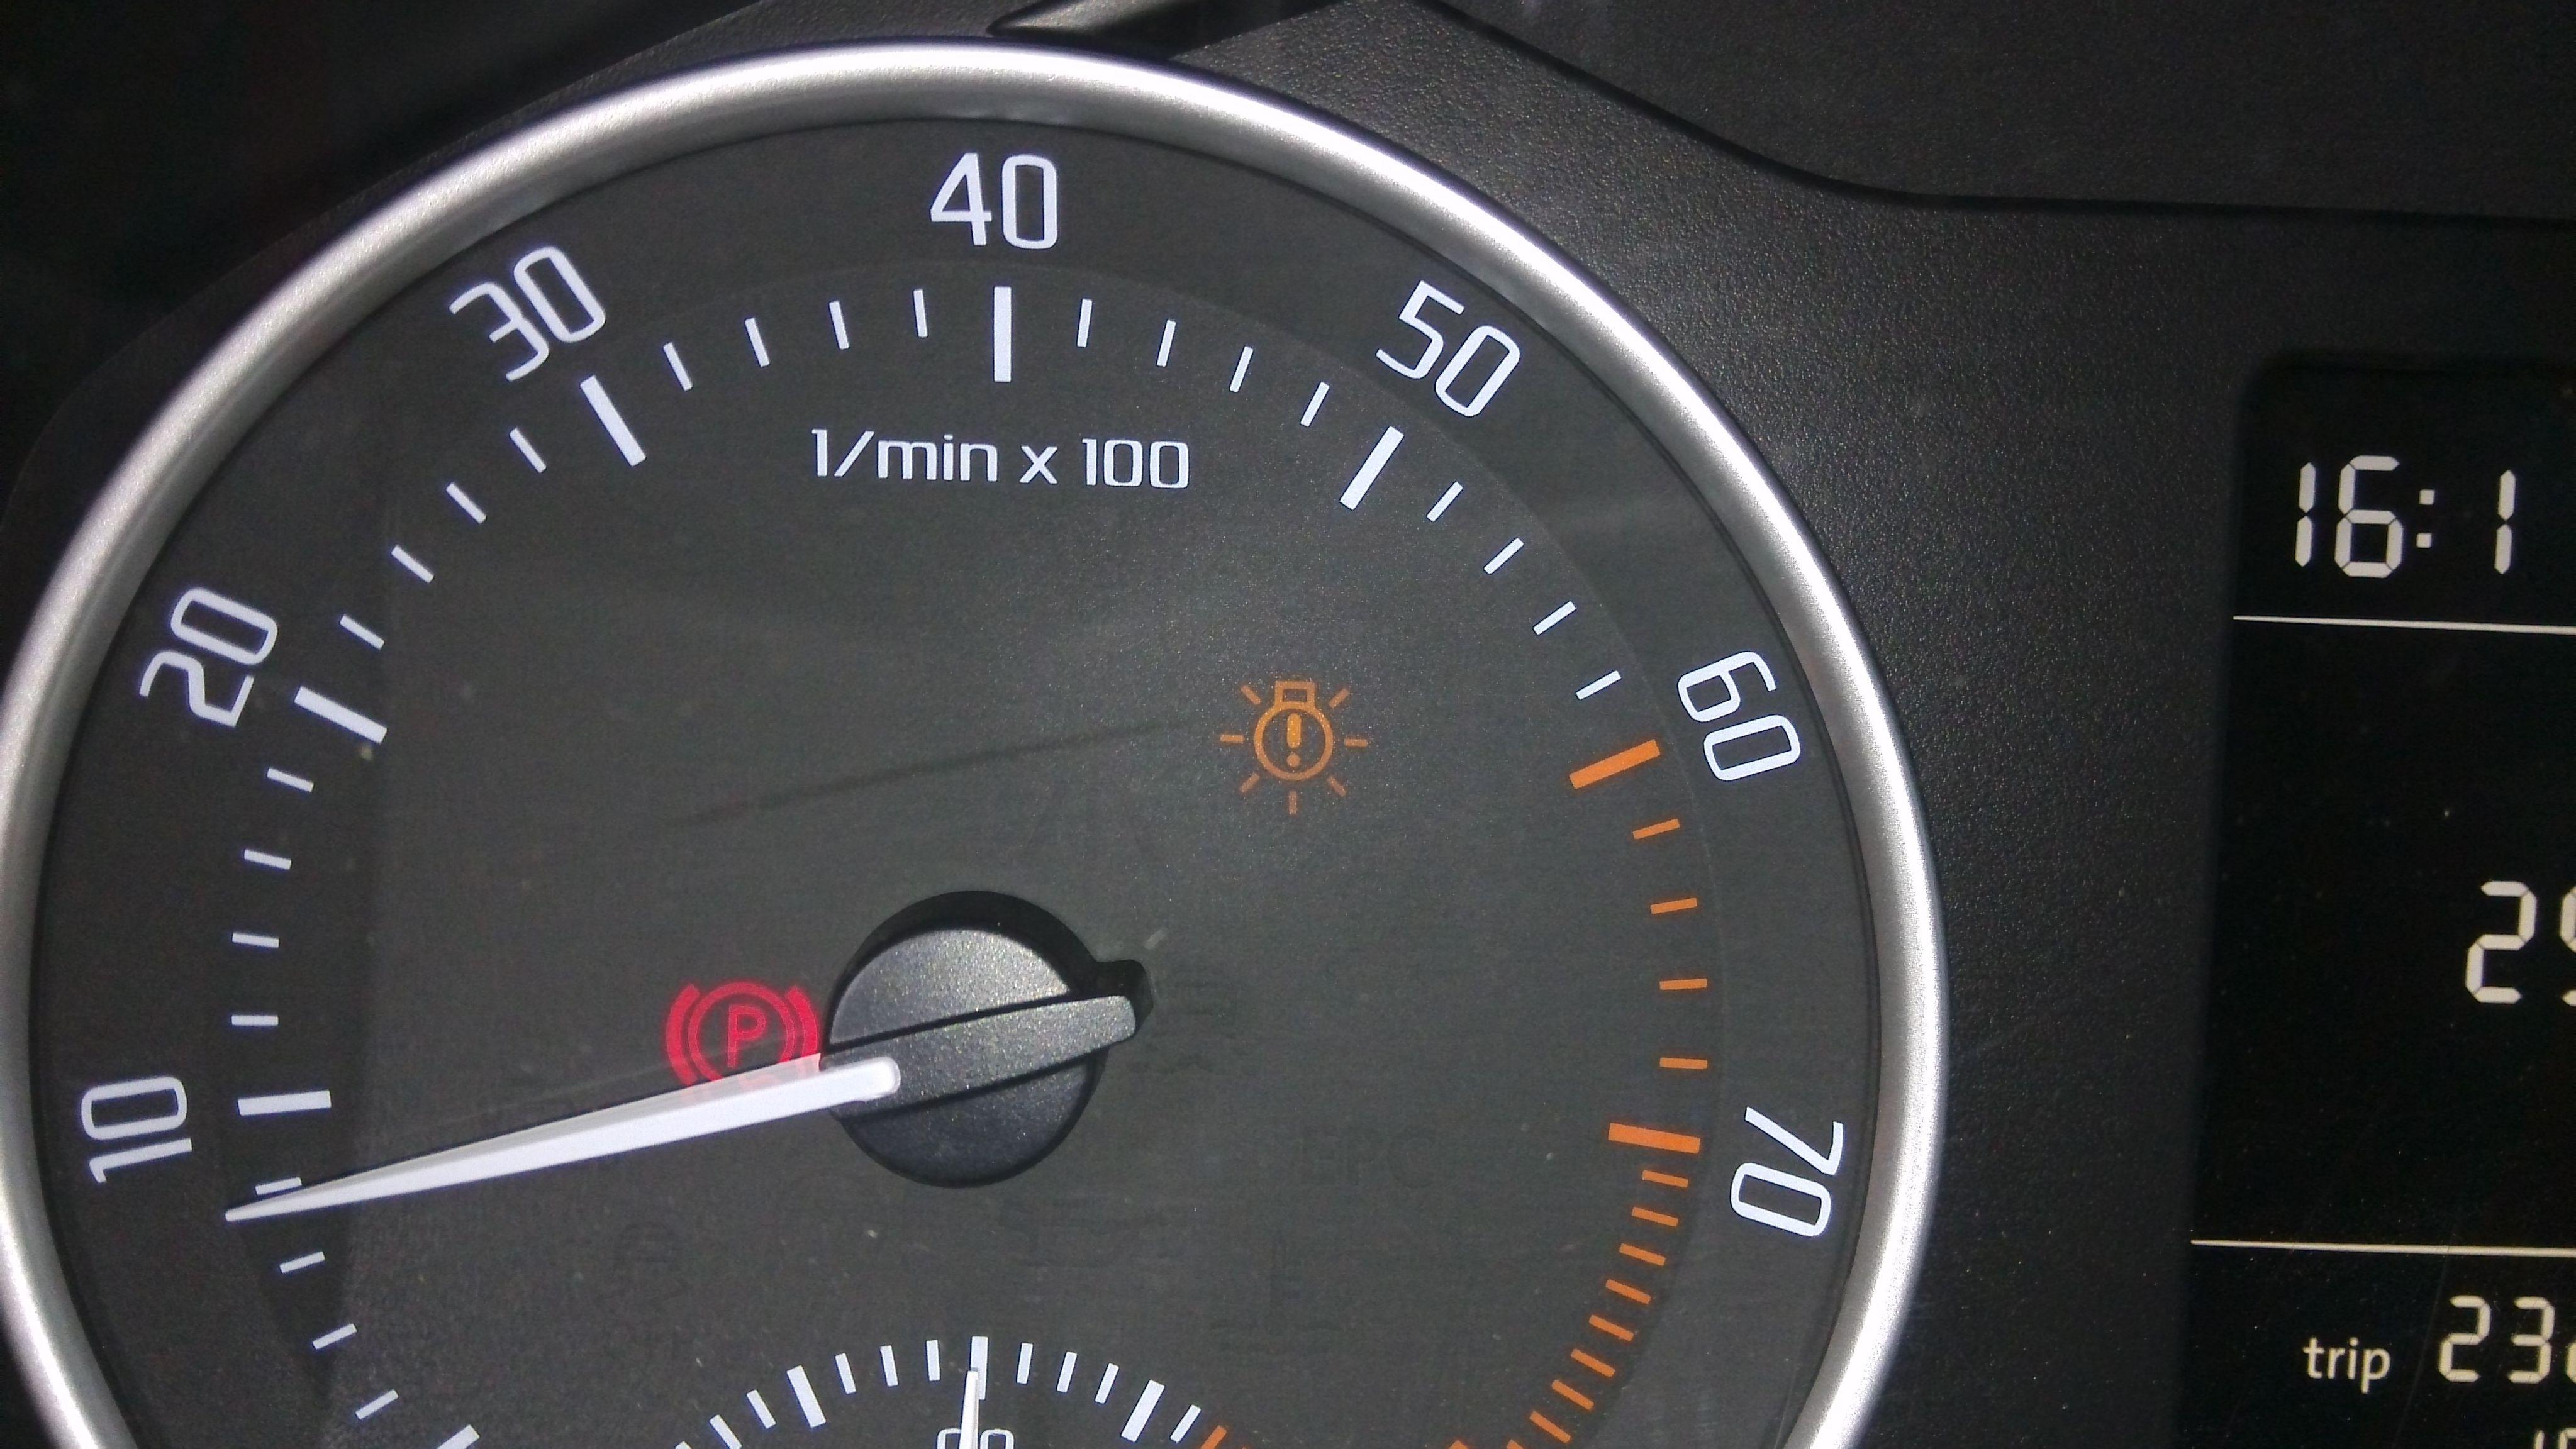 10 汽车仪表盘上的车灯总开关图标亮着,右转向灯图标跳动频率比平时